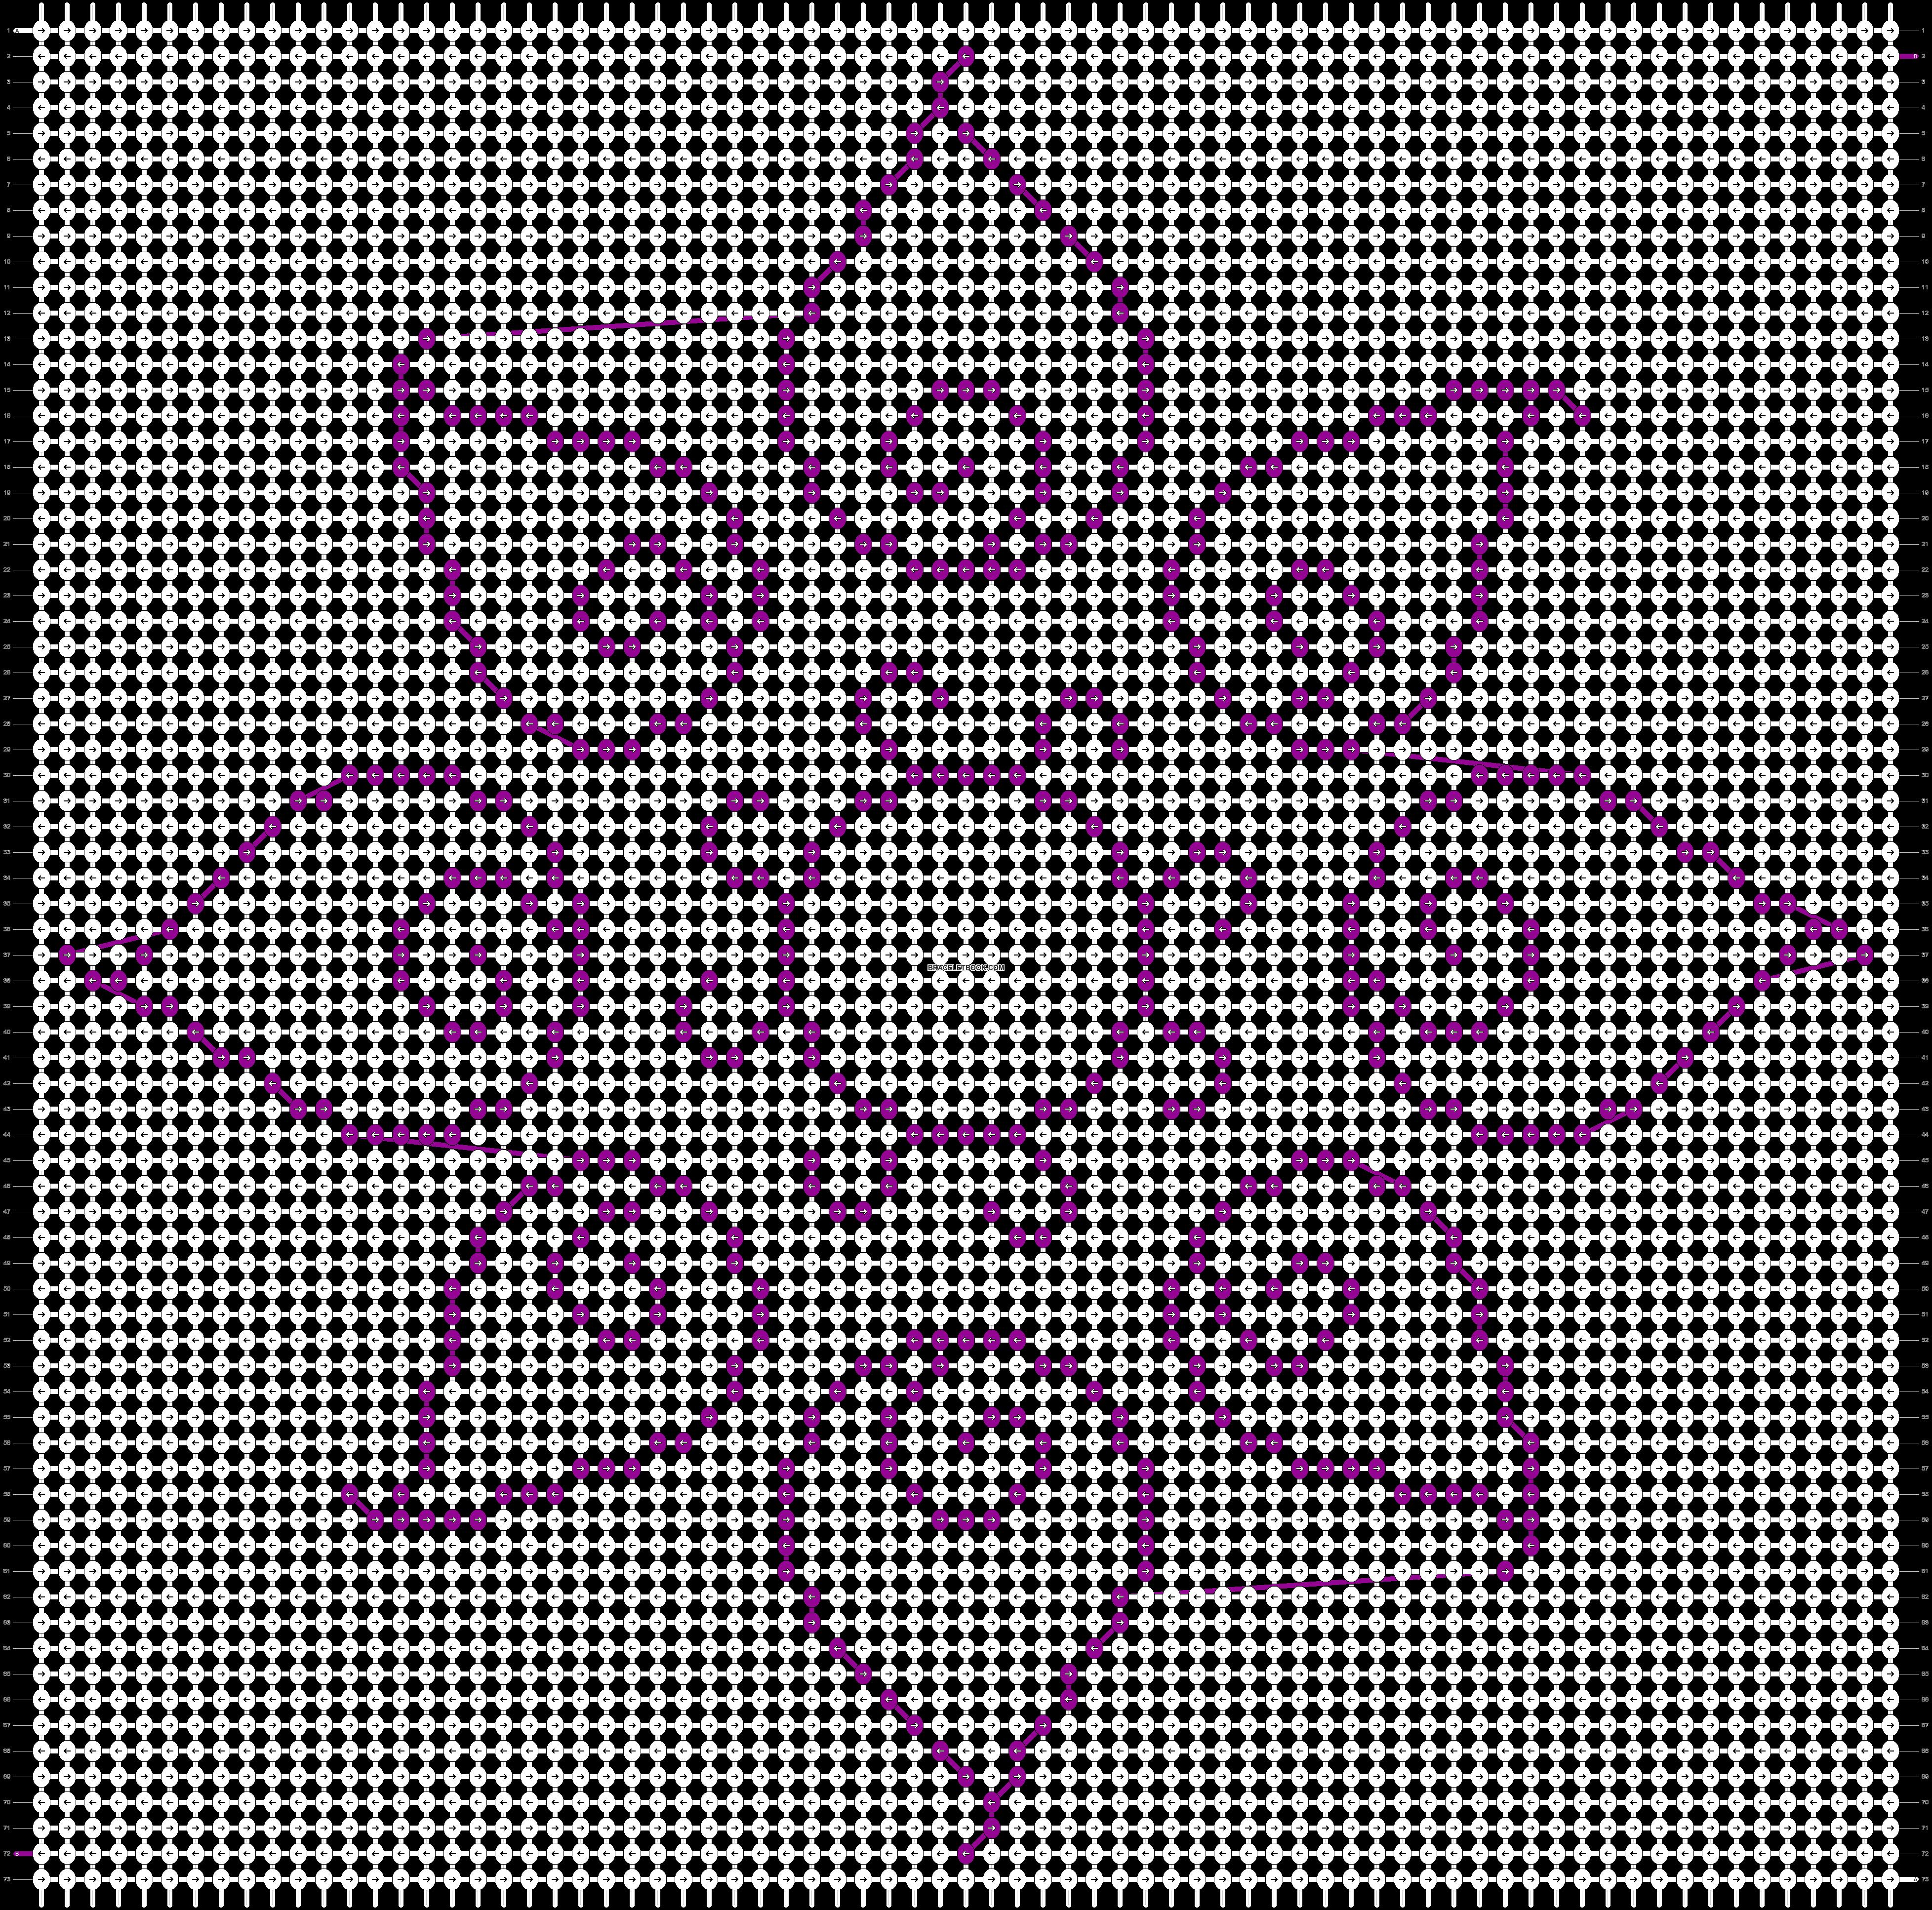 Alpha Pattern #22506 added by CWillard